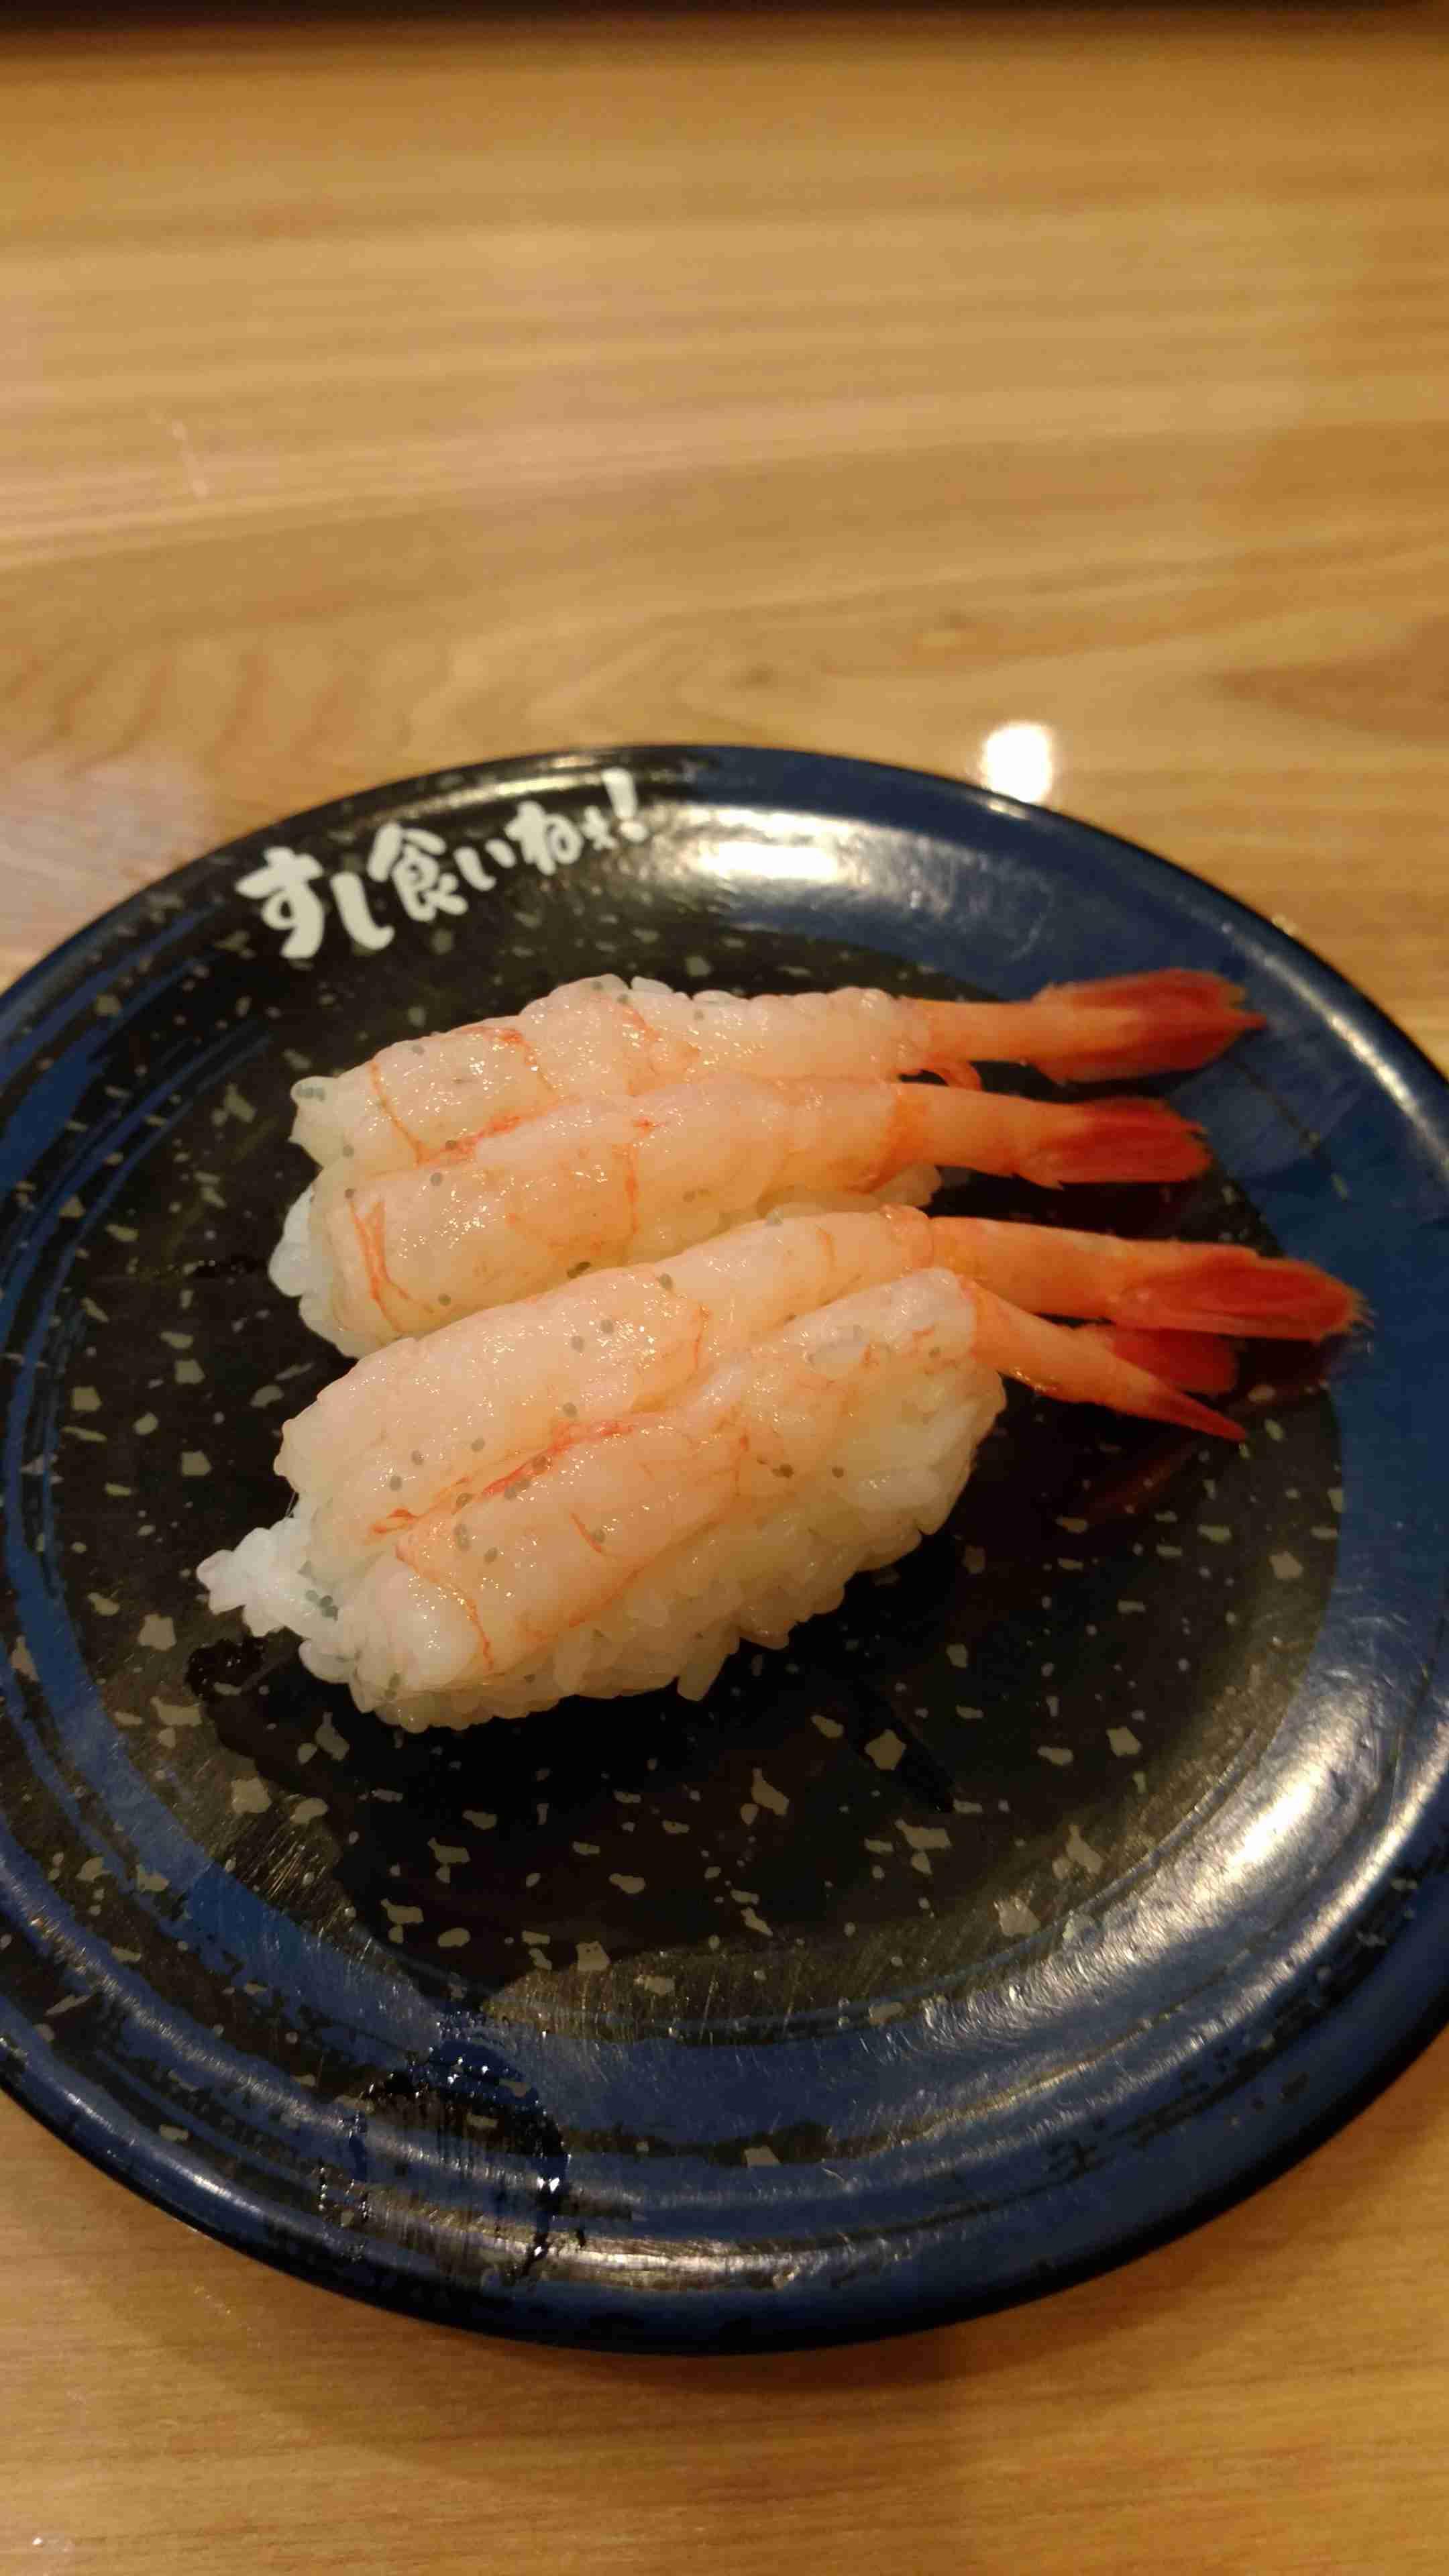 『回転寿司』いつも何皿食べでますか?